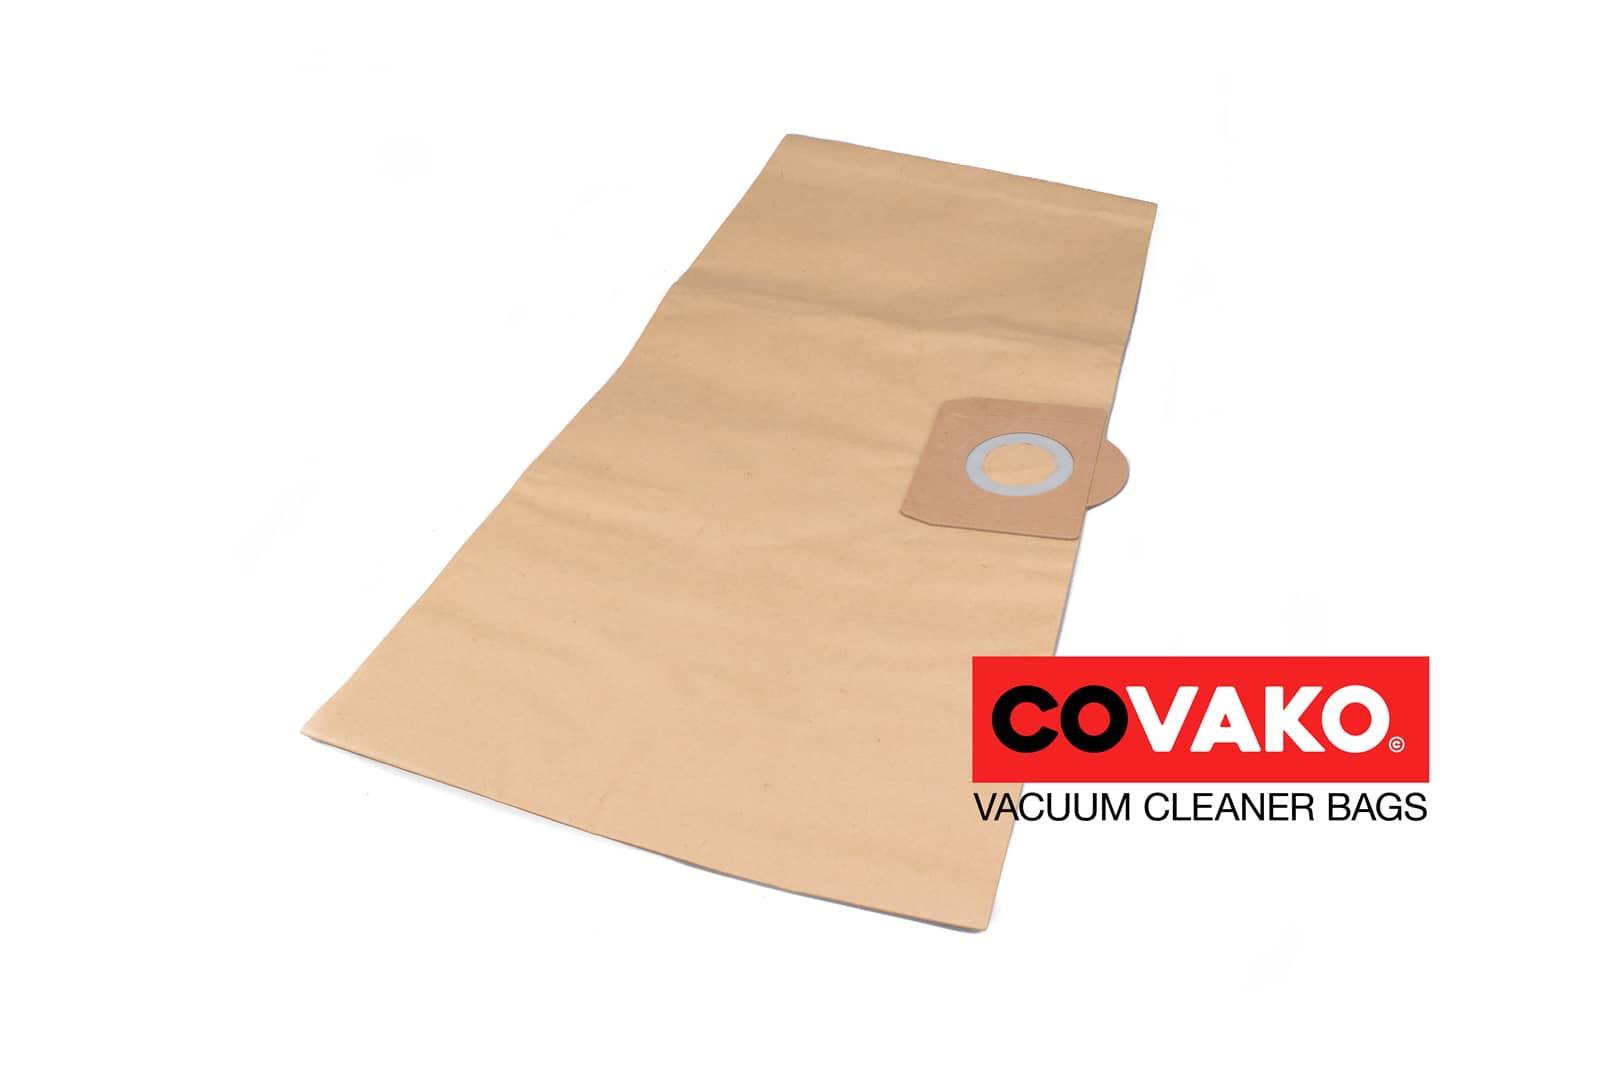 ICA YS 1500-27 / Paper - ICA vacuum cleaner bags